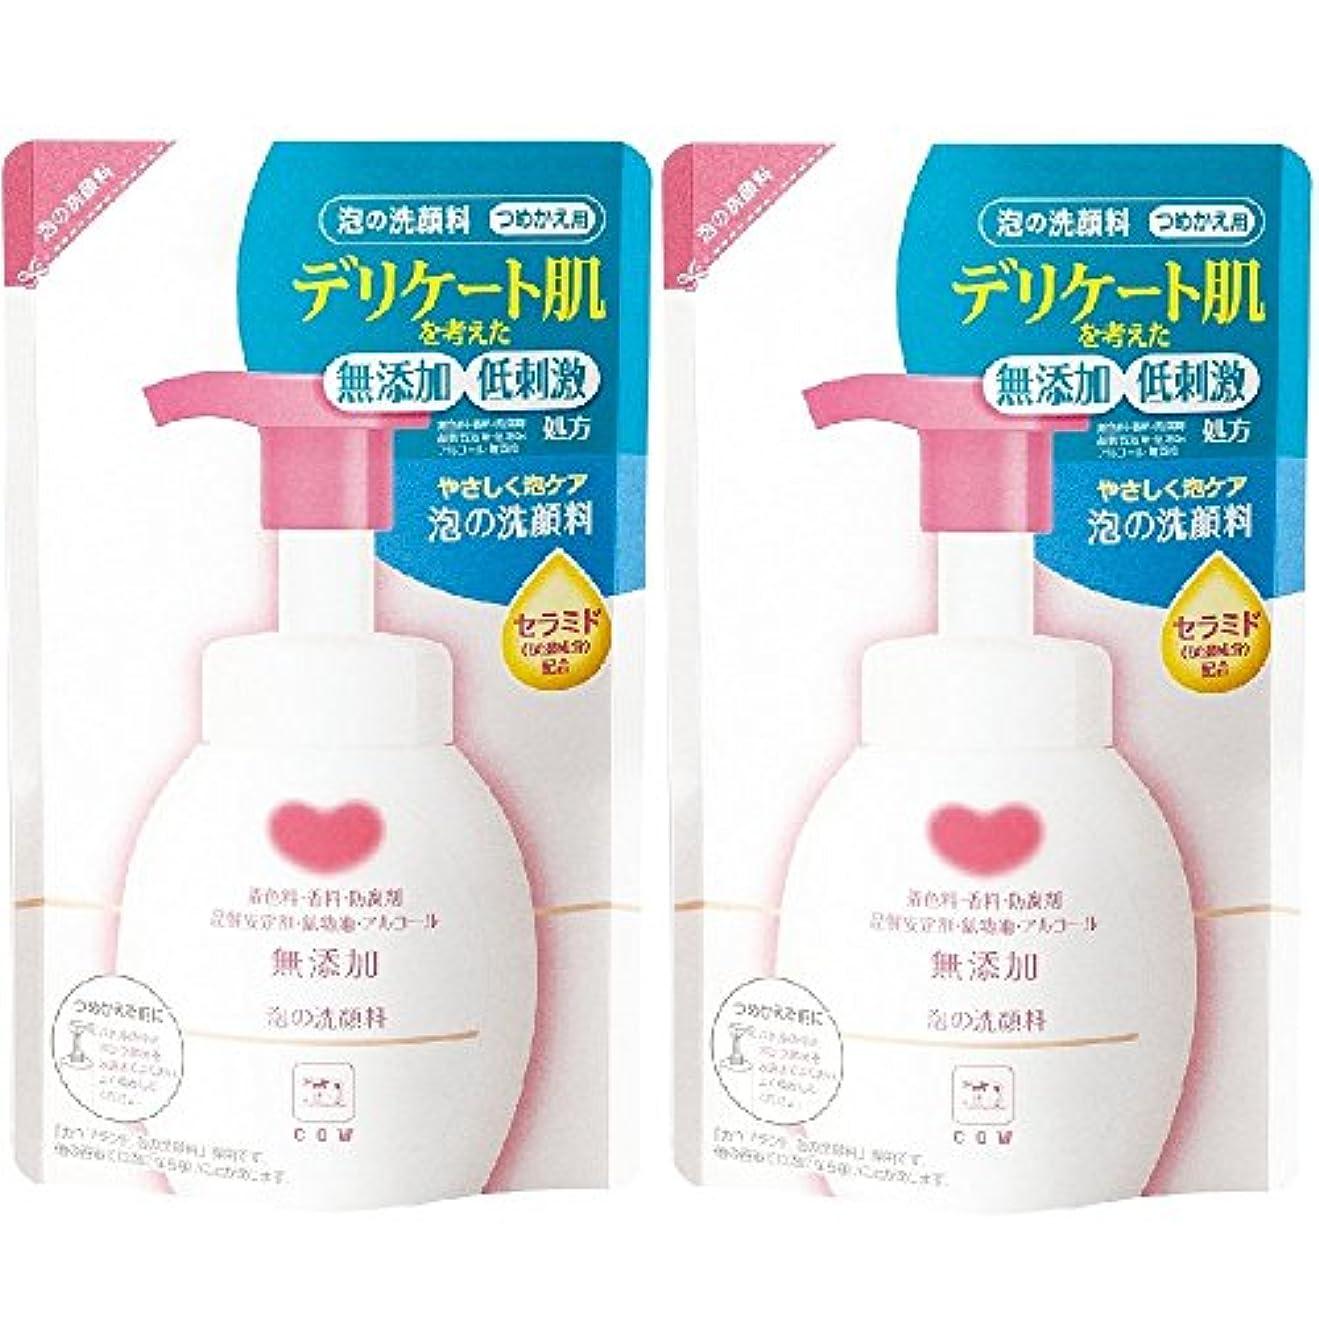 取り除く欠乏オデュッセウスカウブランド 無添加 泡の洗顔料 詰替用 2個組 (180mL×2個)